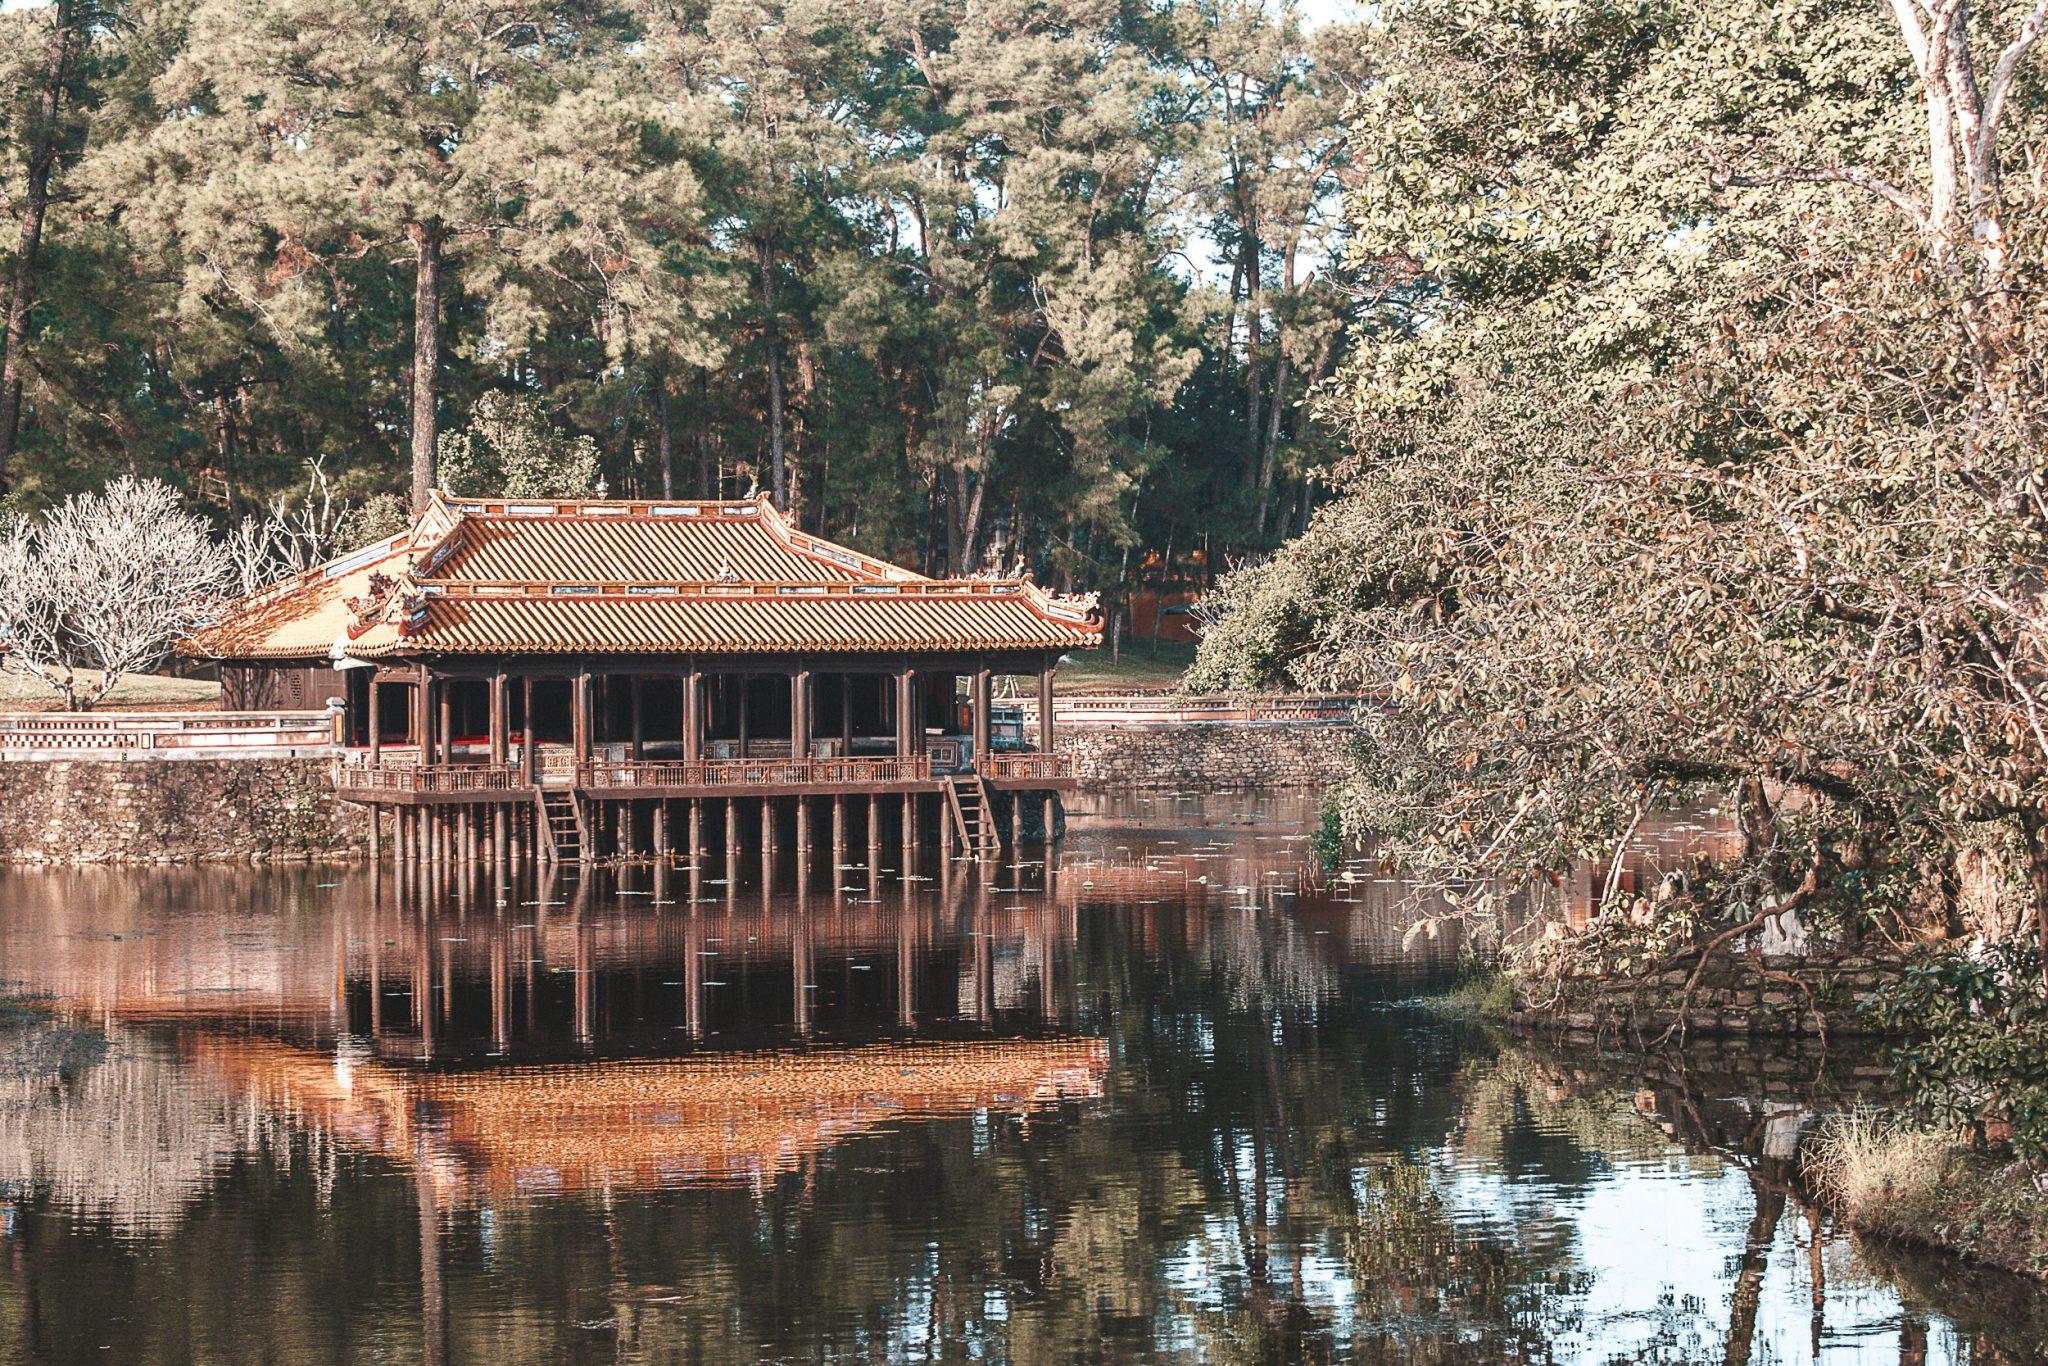 Tumba dos imperadores em Hue no Vietnã